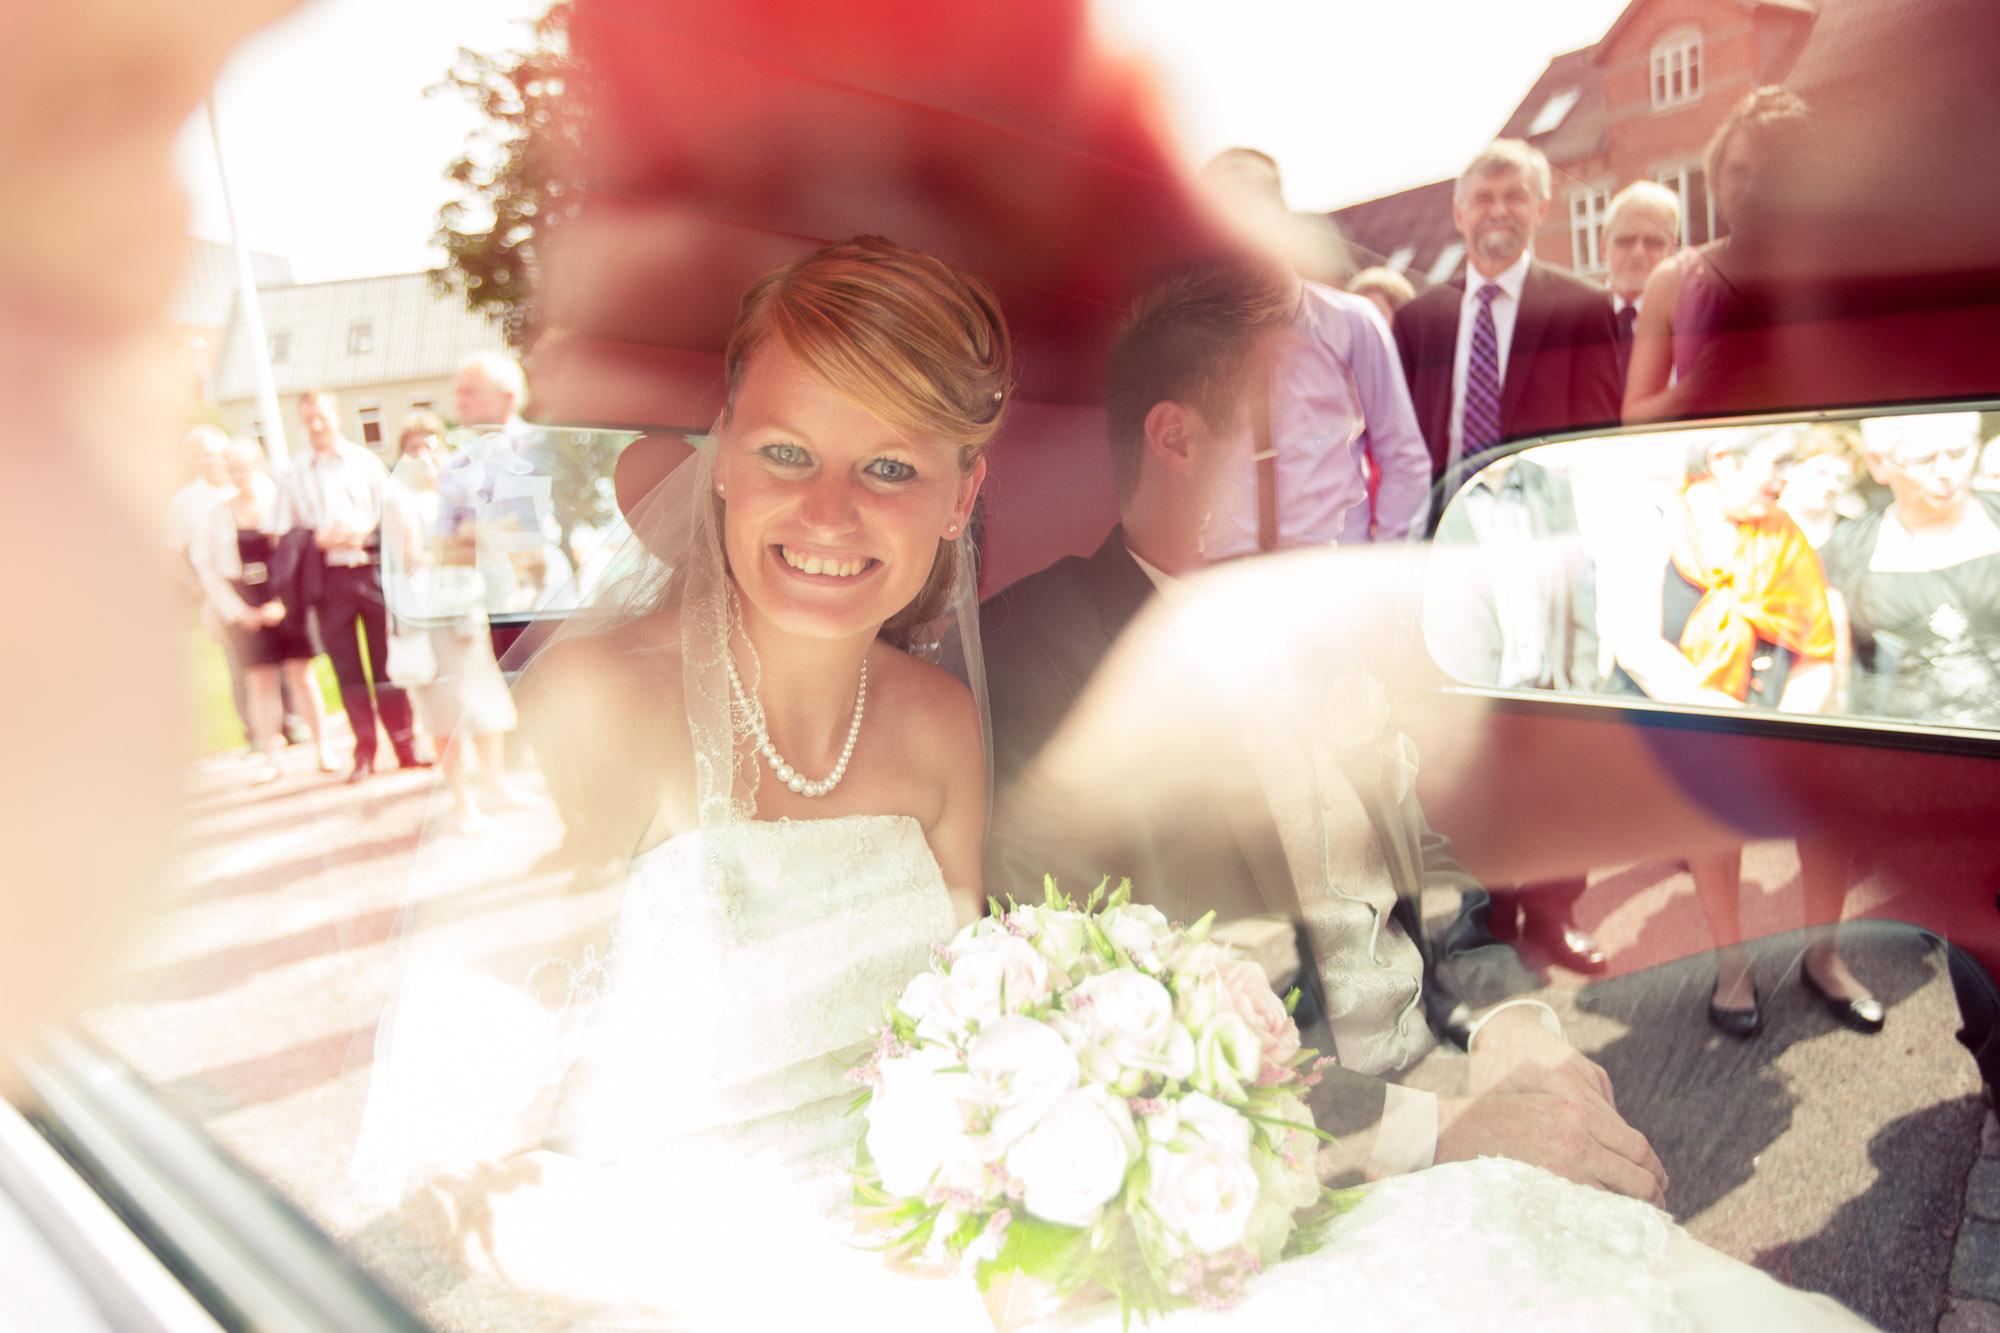 Kreativt og hurtigt dokumentarisk bryllupsbillede